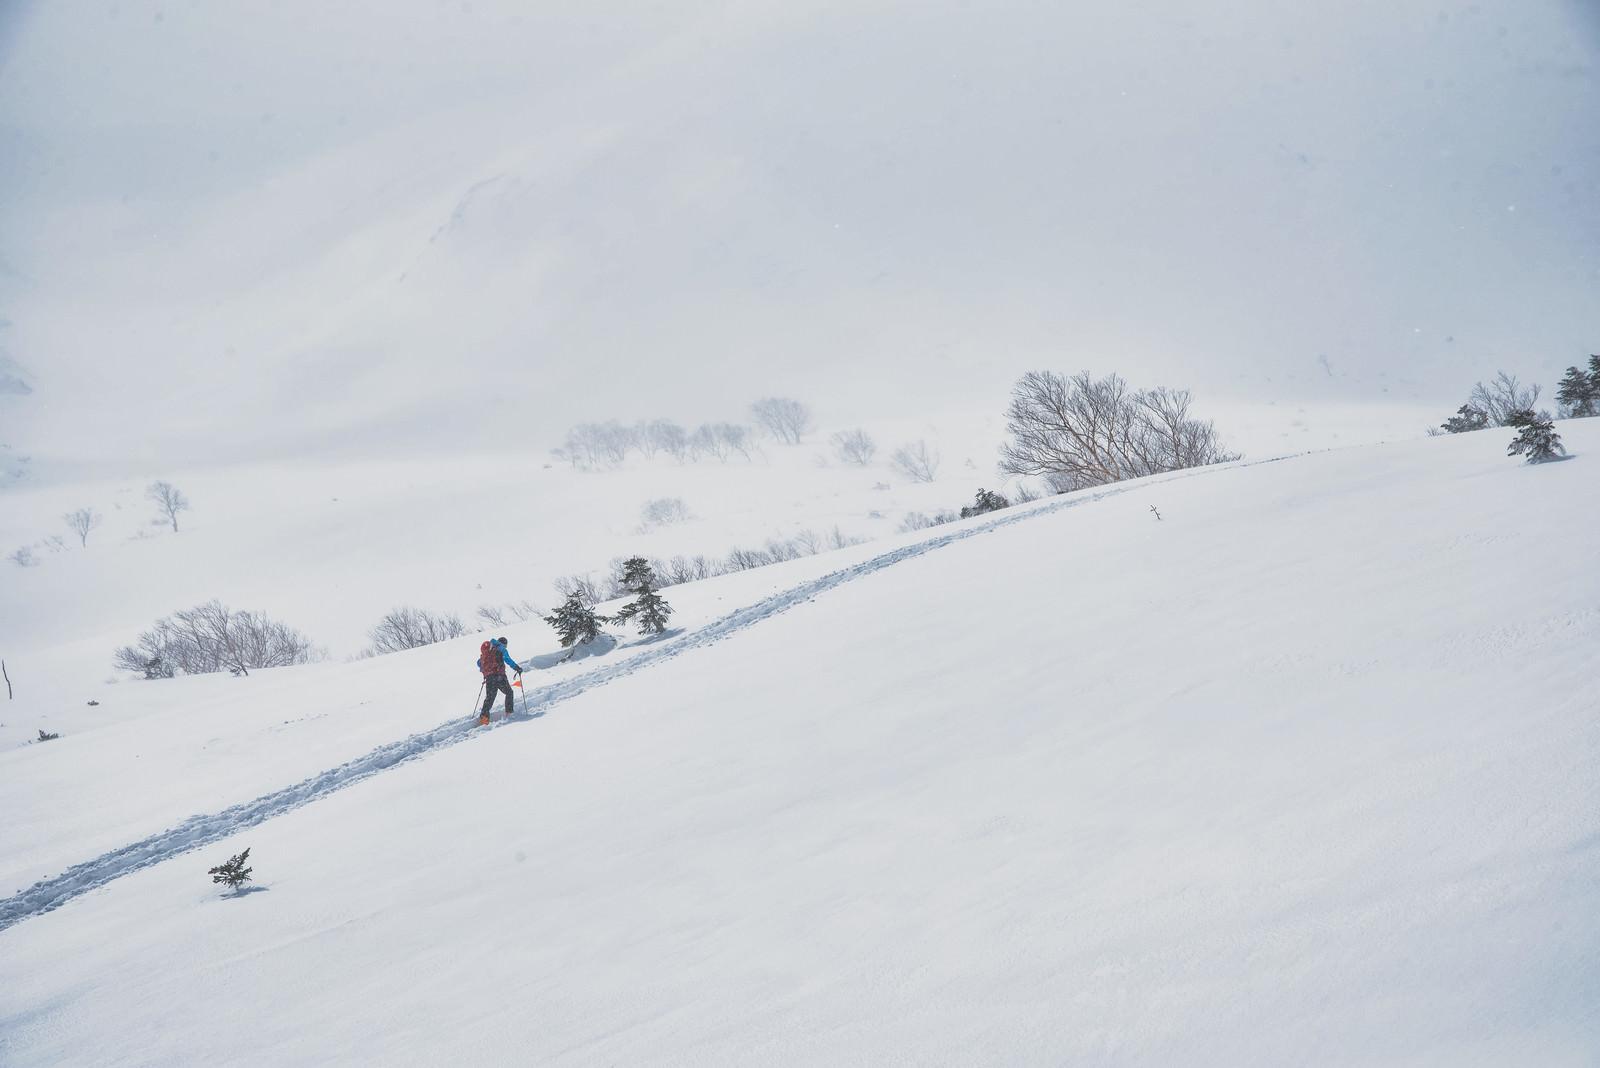 「雪山のトレースに沿って進む登山者」の写真